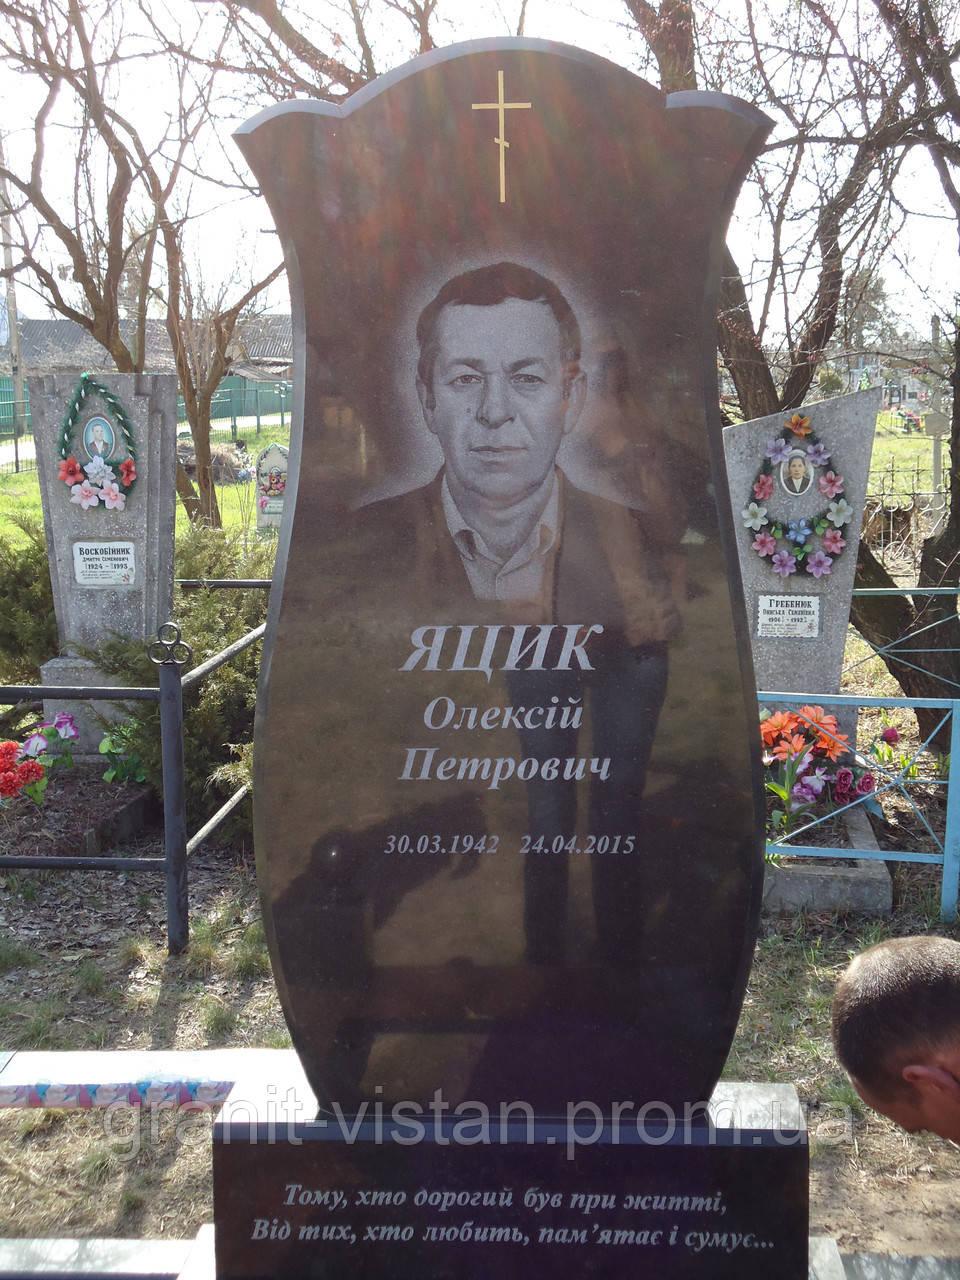 Набор для ухода за памятником из гранита где купить Цоколь резной из габбро-диабаза Николаевск-на-Амуре